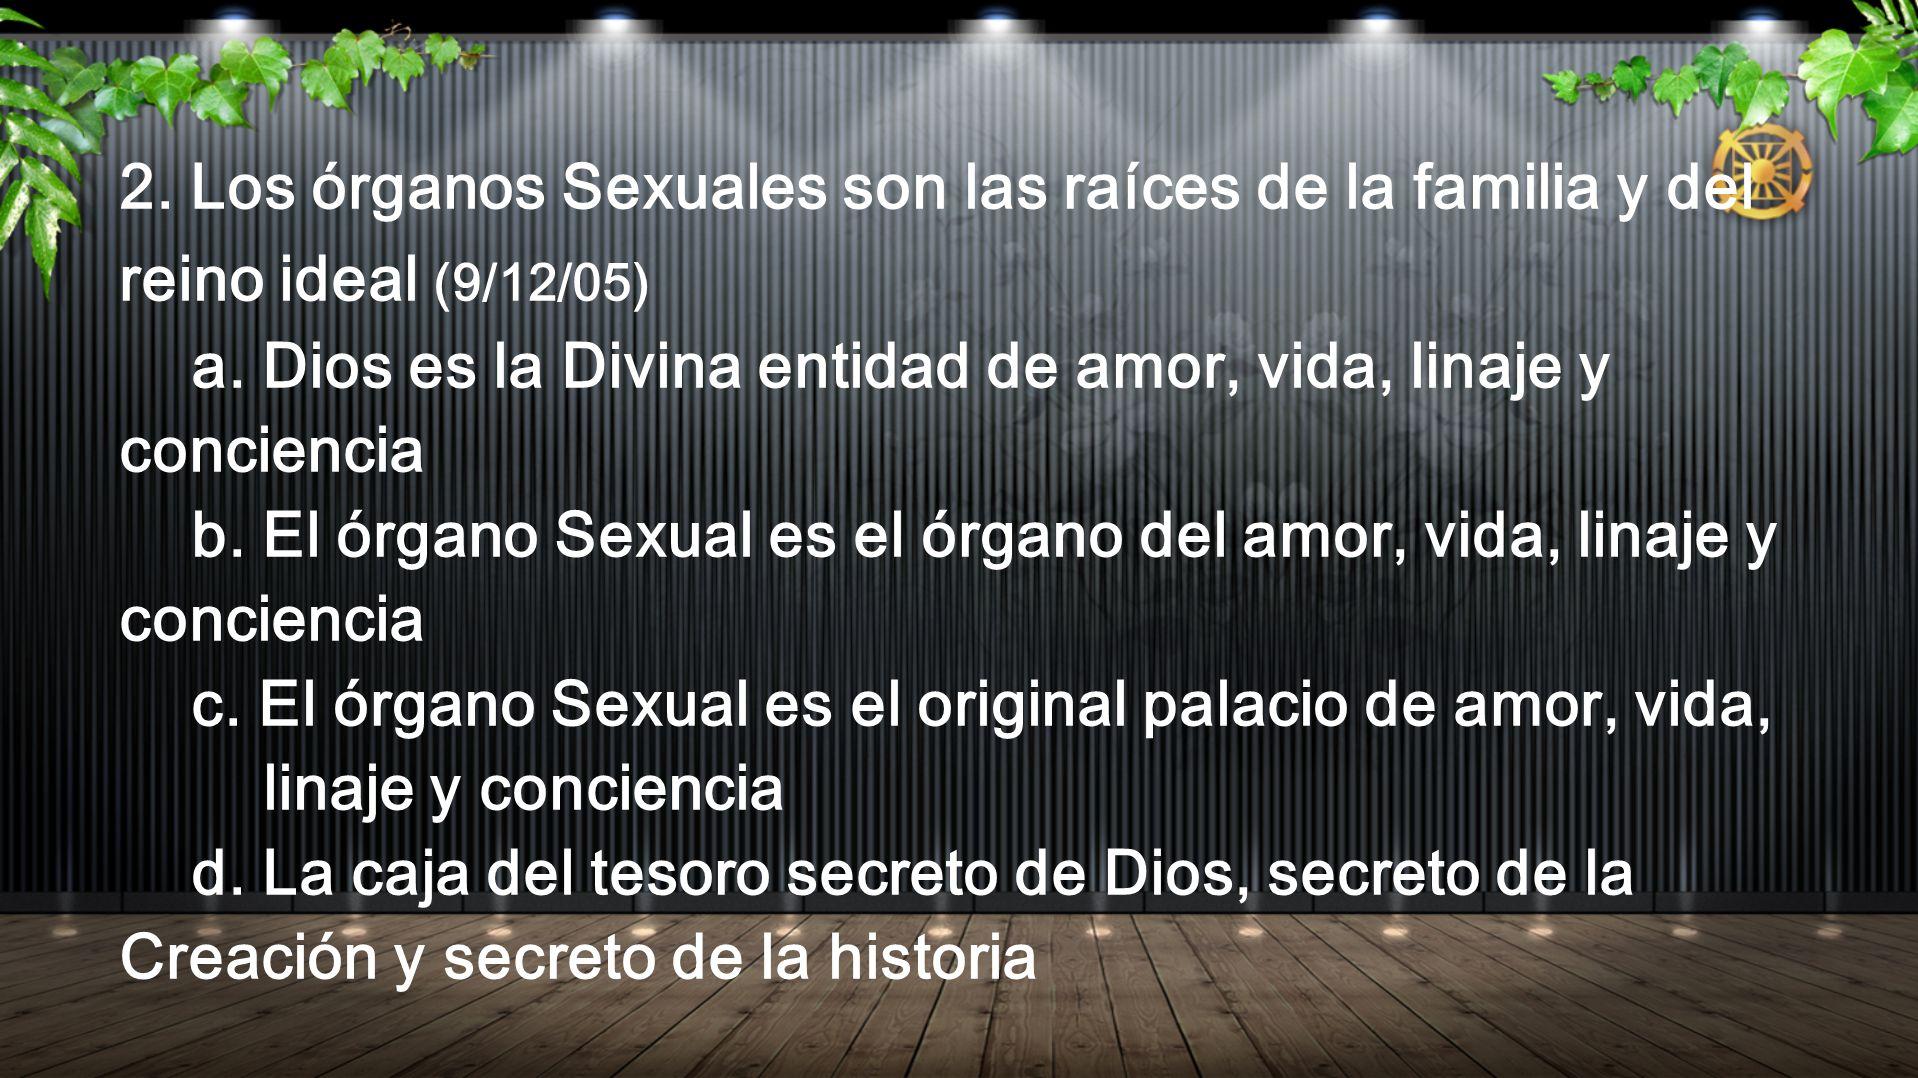 2. Los órganos Sexuales son las raíces de la familia y del reino ideal (9/12/05) a. Dios es la Divina entidad de amor, vida, linaje y conciencia b. El